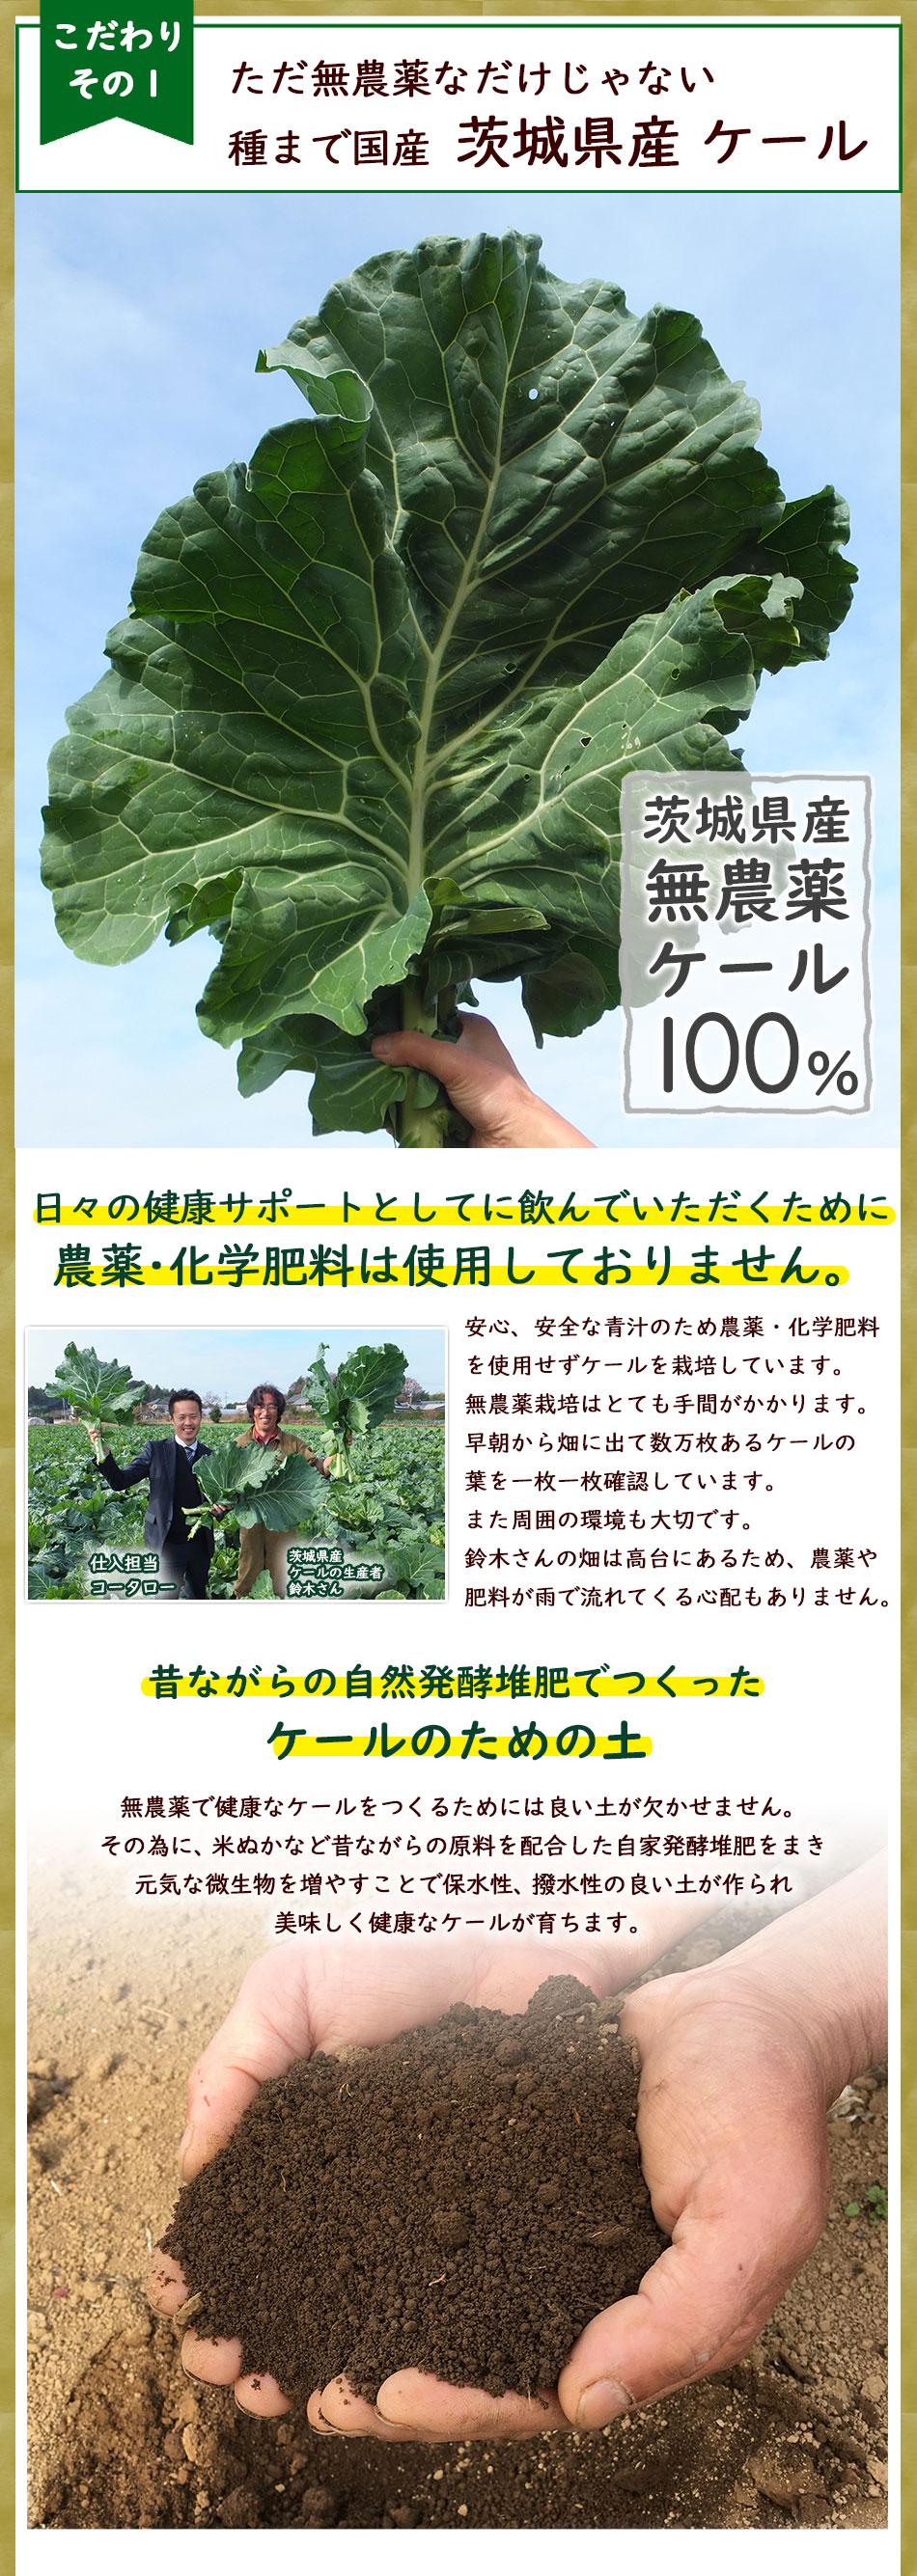 茨城県産無農薬ケール